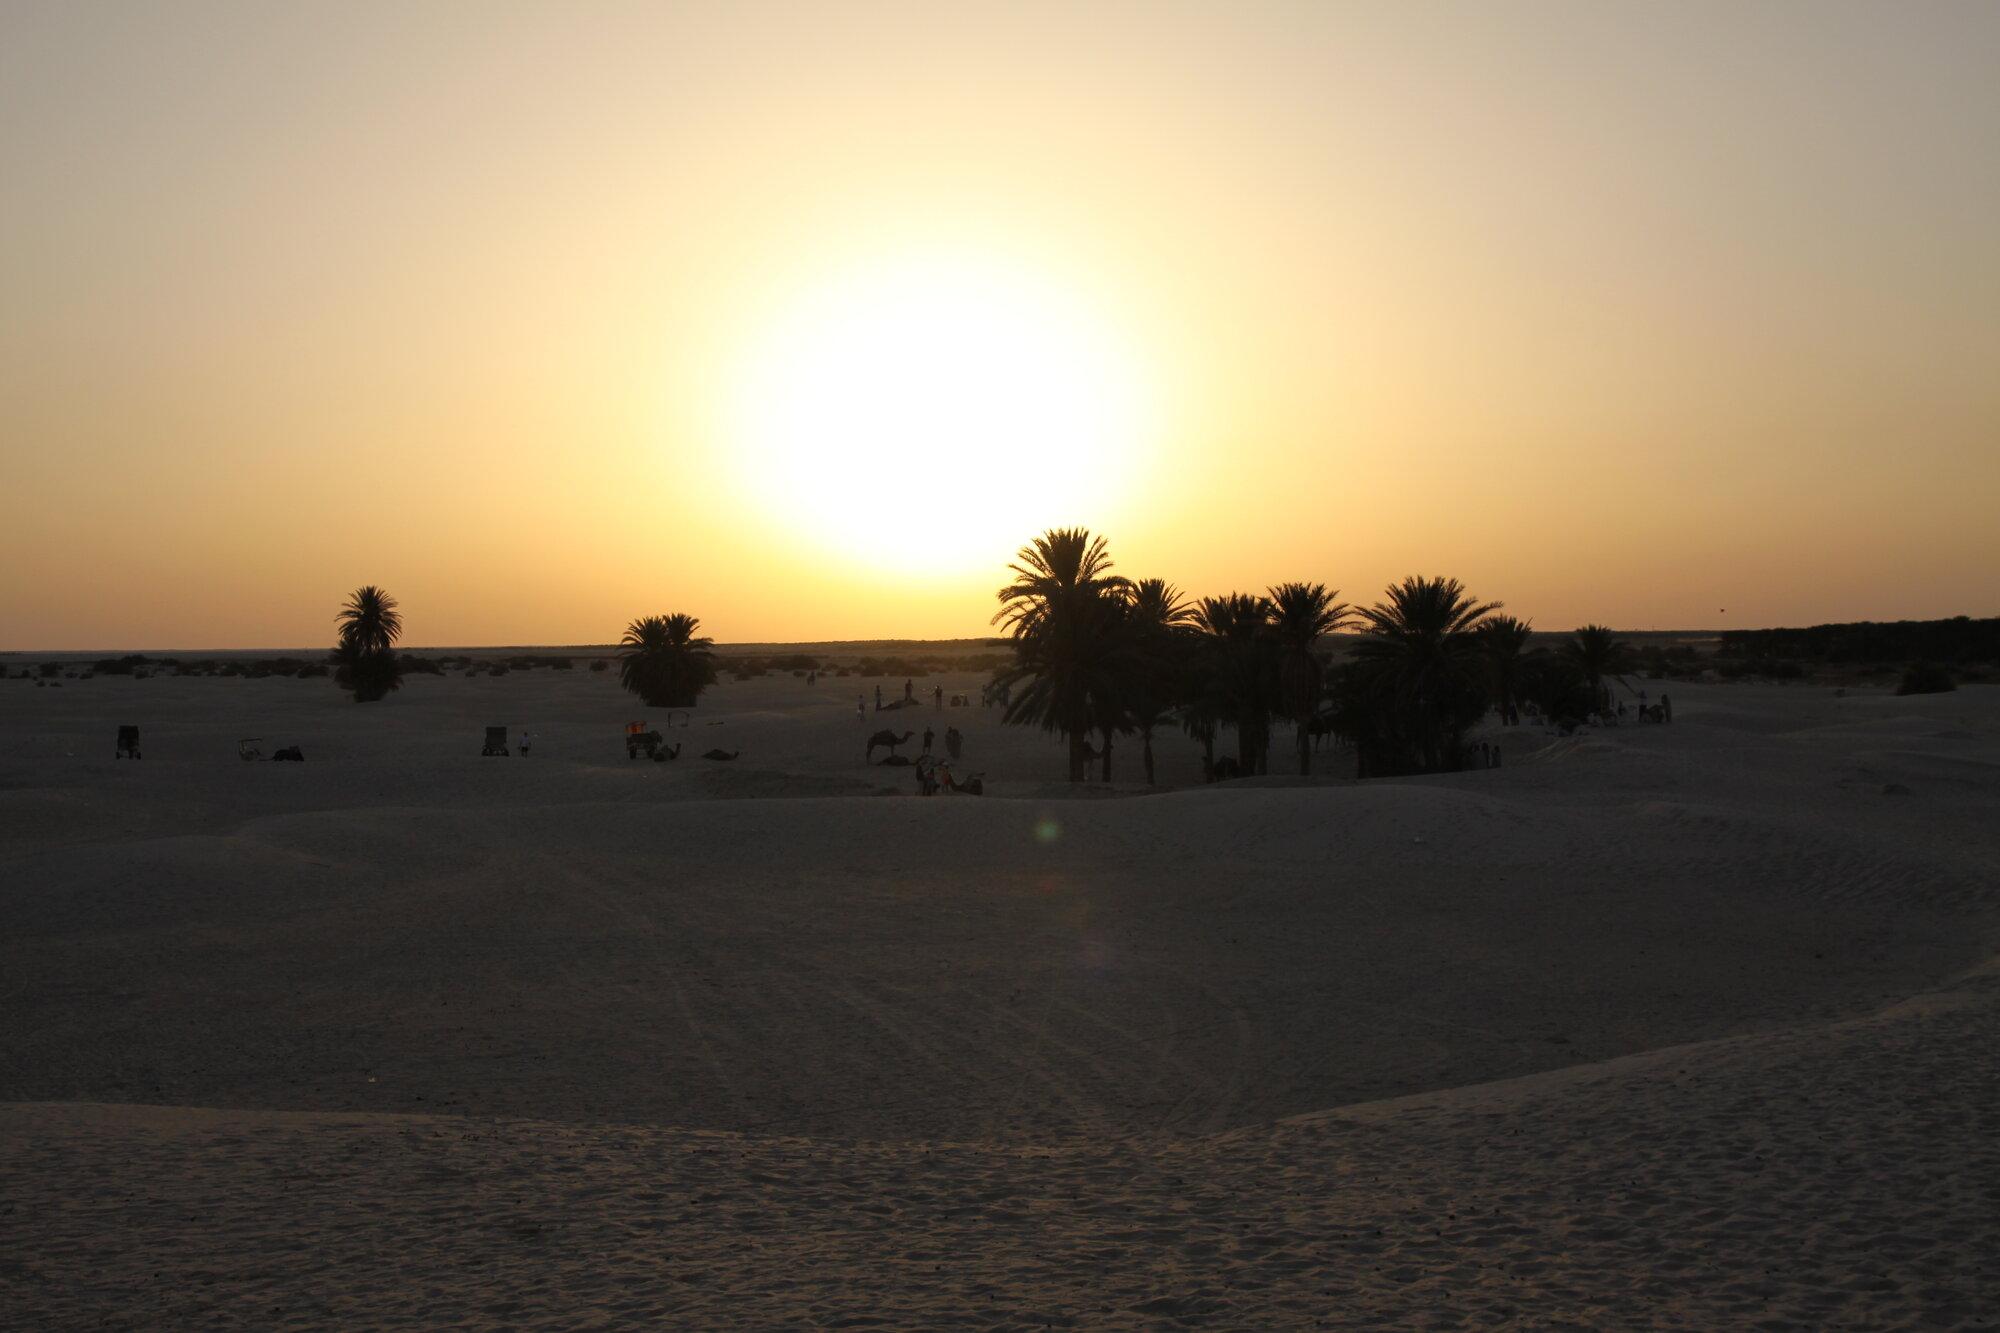 západ slunce v poušti